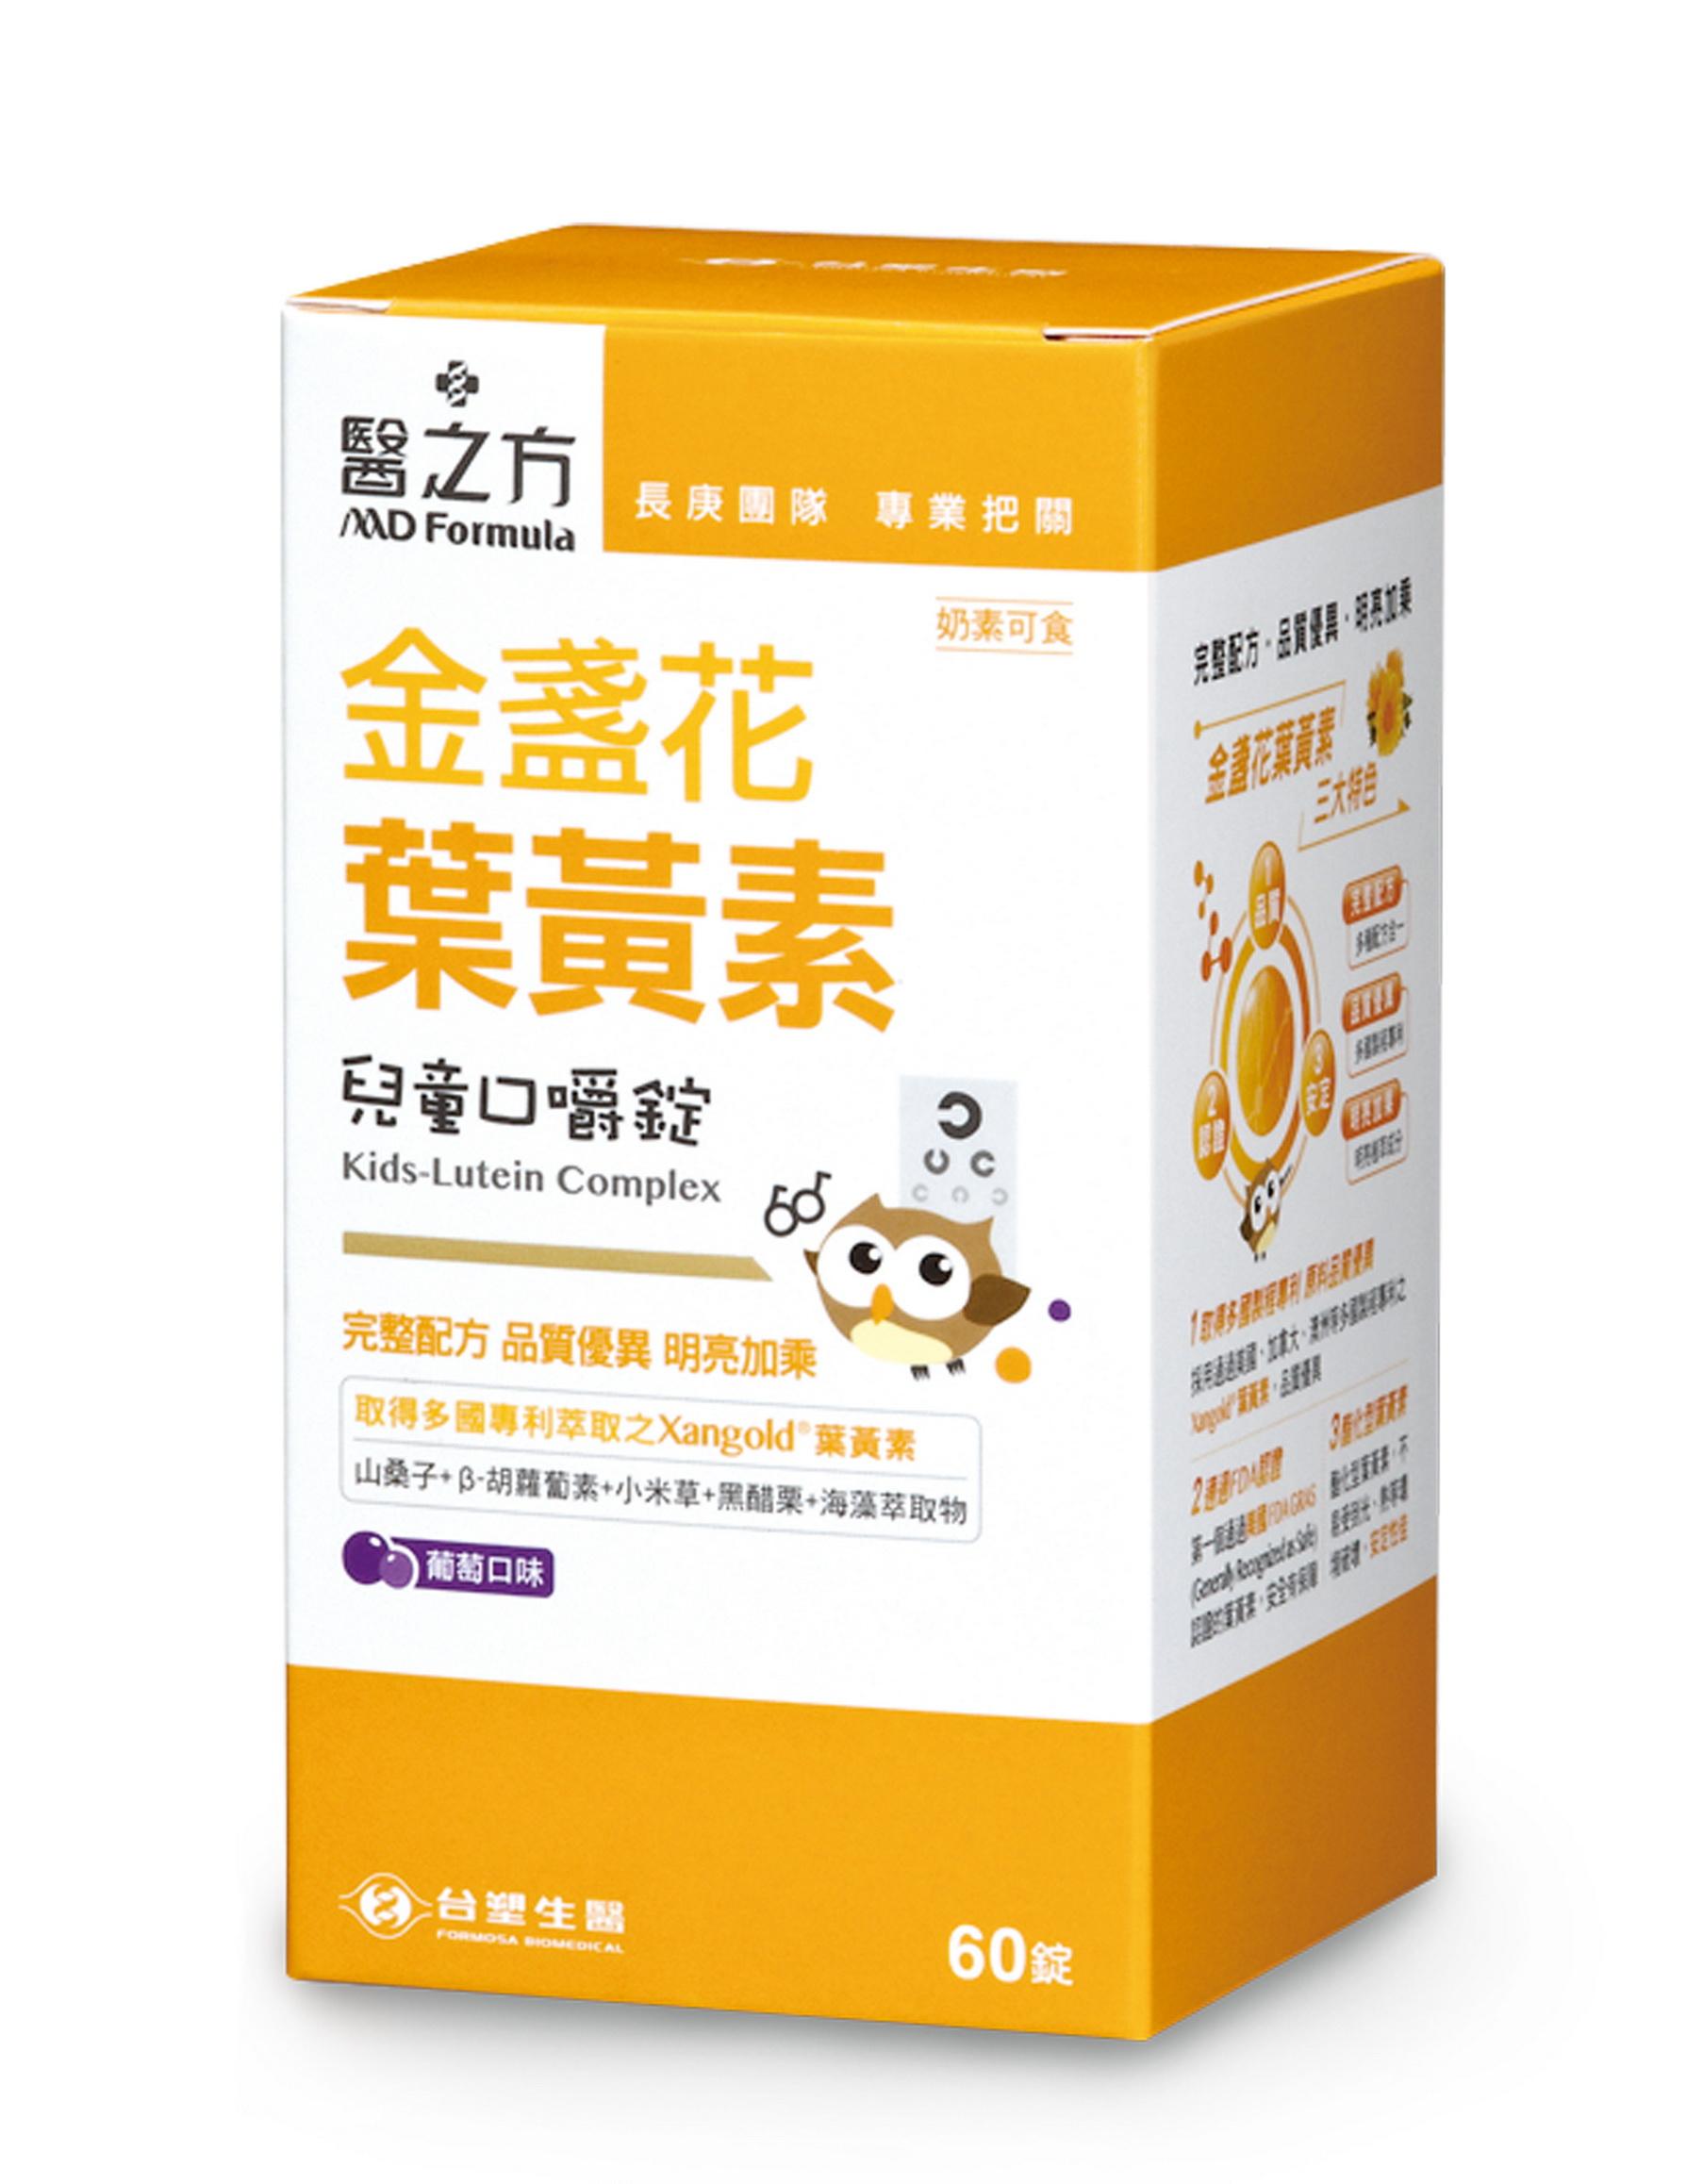 【購購購】台塑生醫 兒童金盞花葉黃素口嚼錠(60錠/盒)